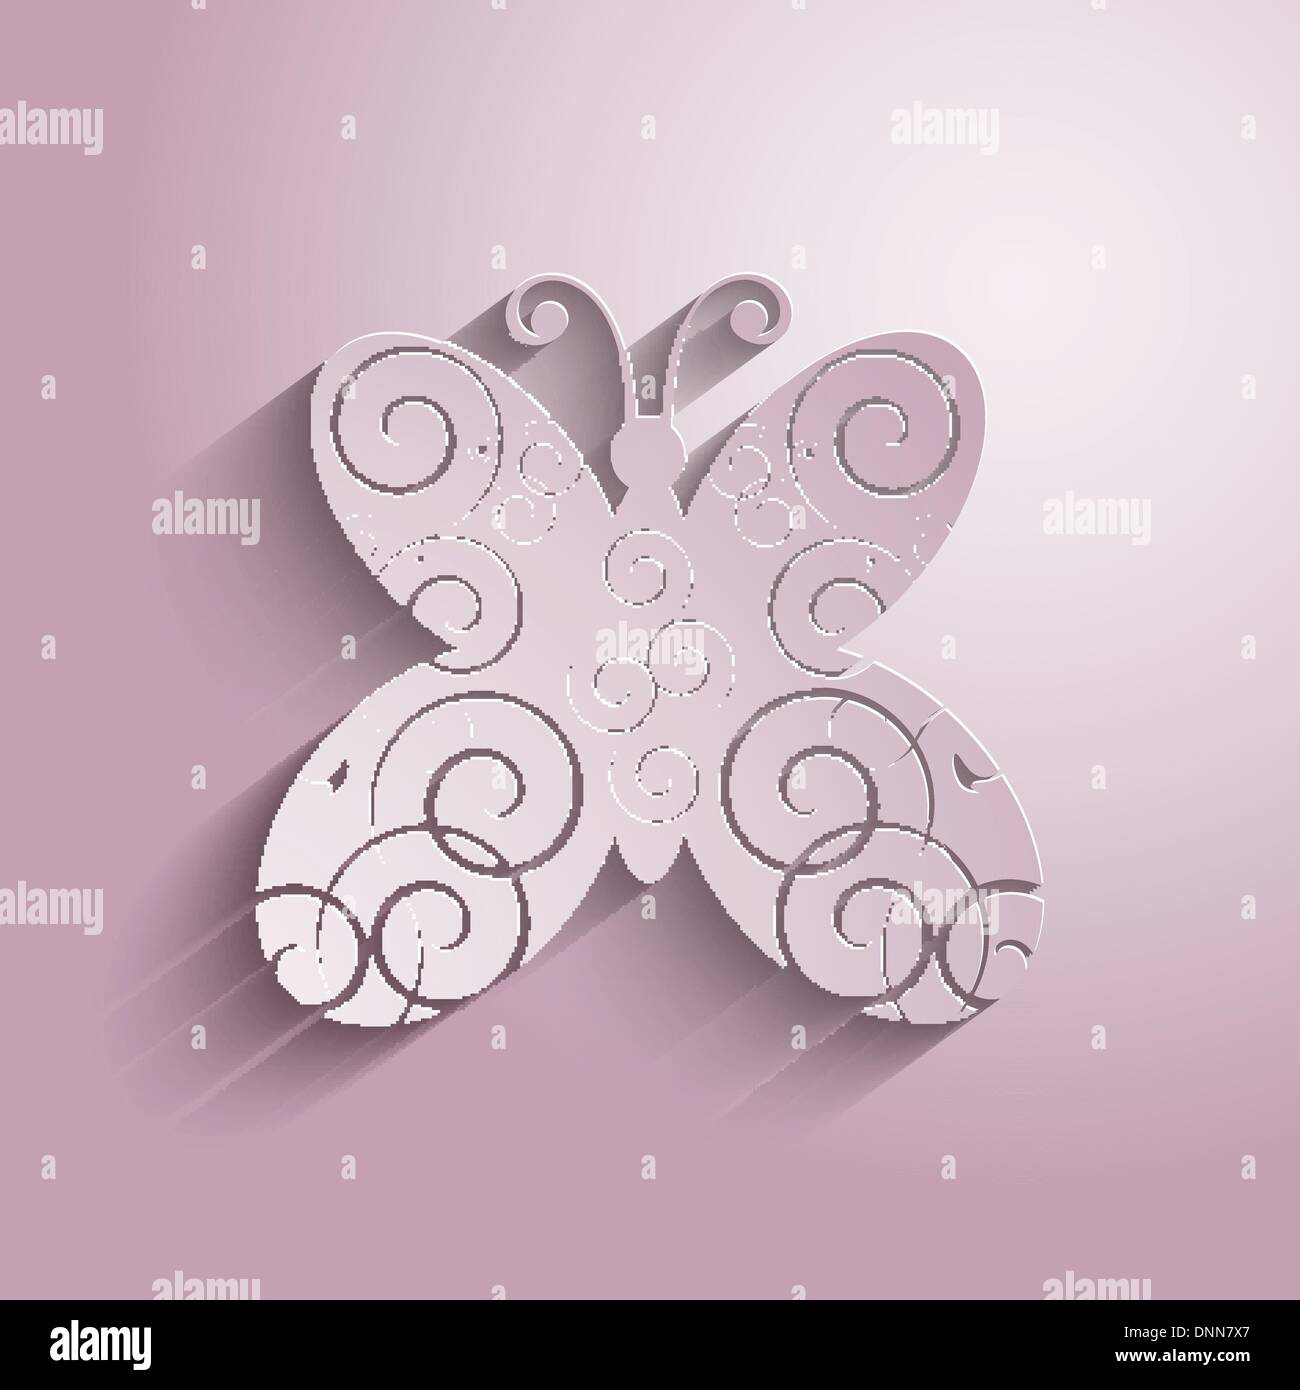 Sfondo decorativo con un design a farfalla Immagini Stock